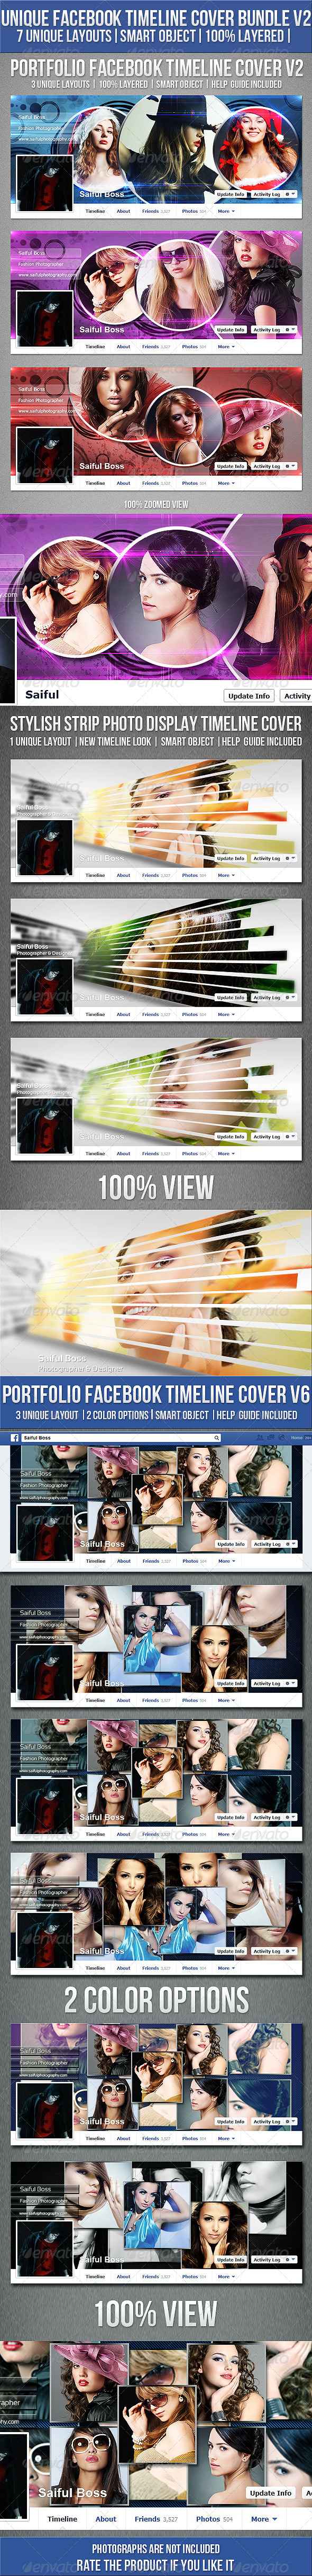 GraphicRiver Facebook Timeline Cover Bundle V2 6629371